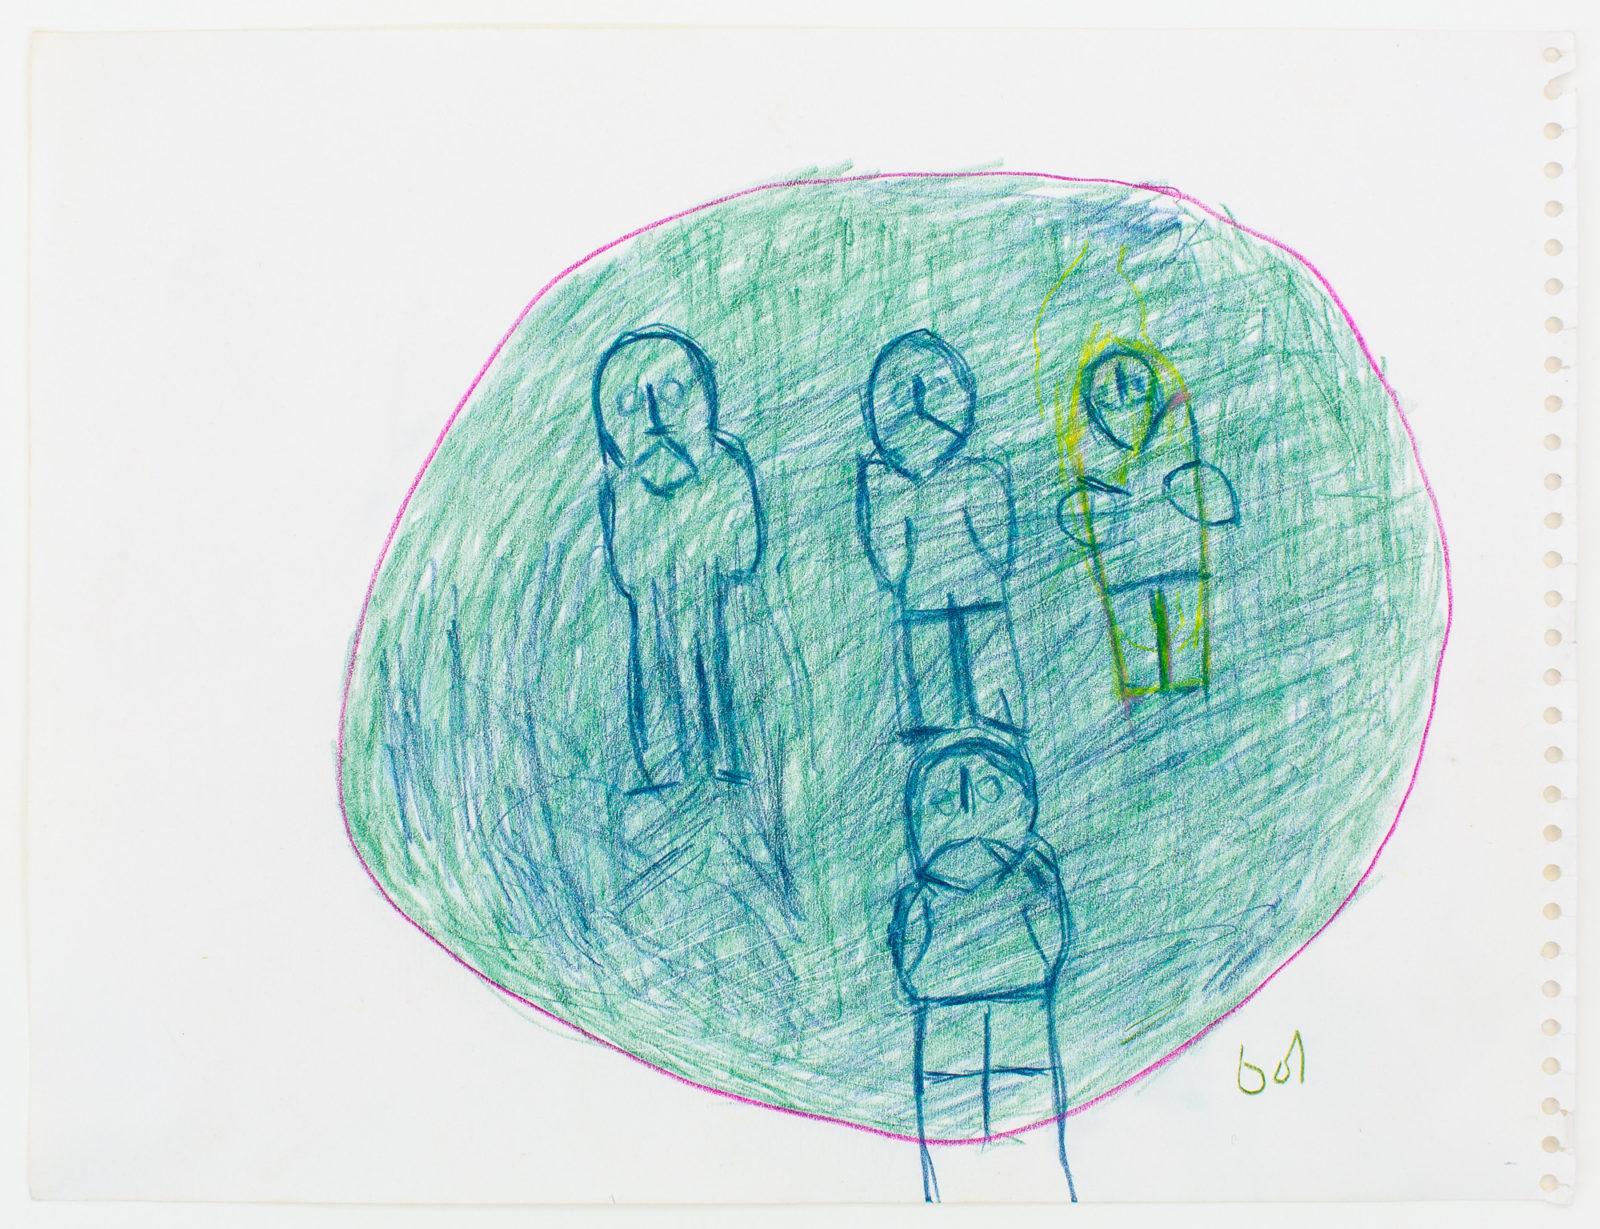 John Kavik - untitled (figures in circle)